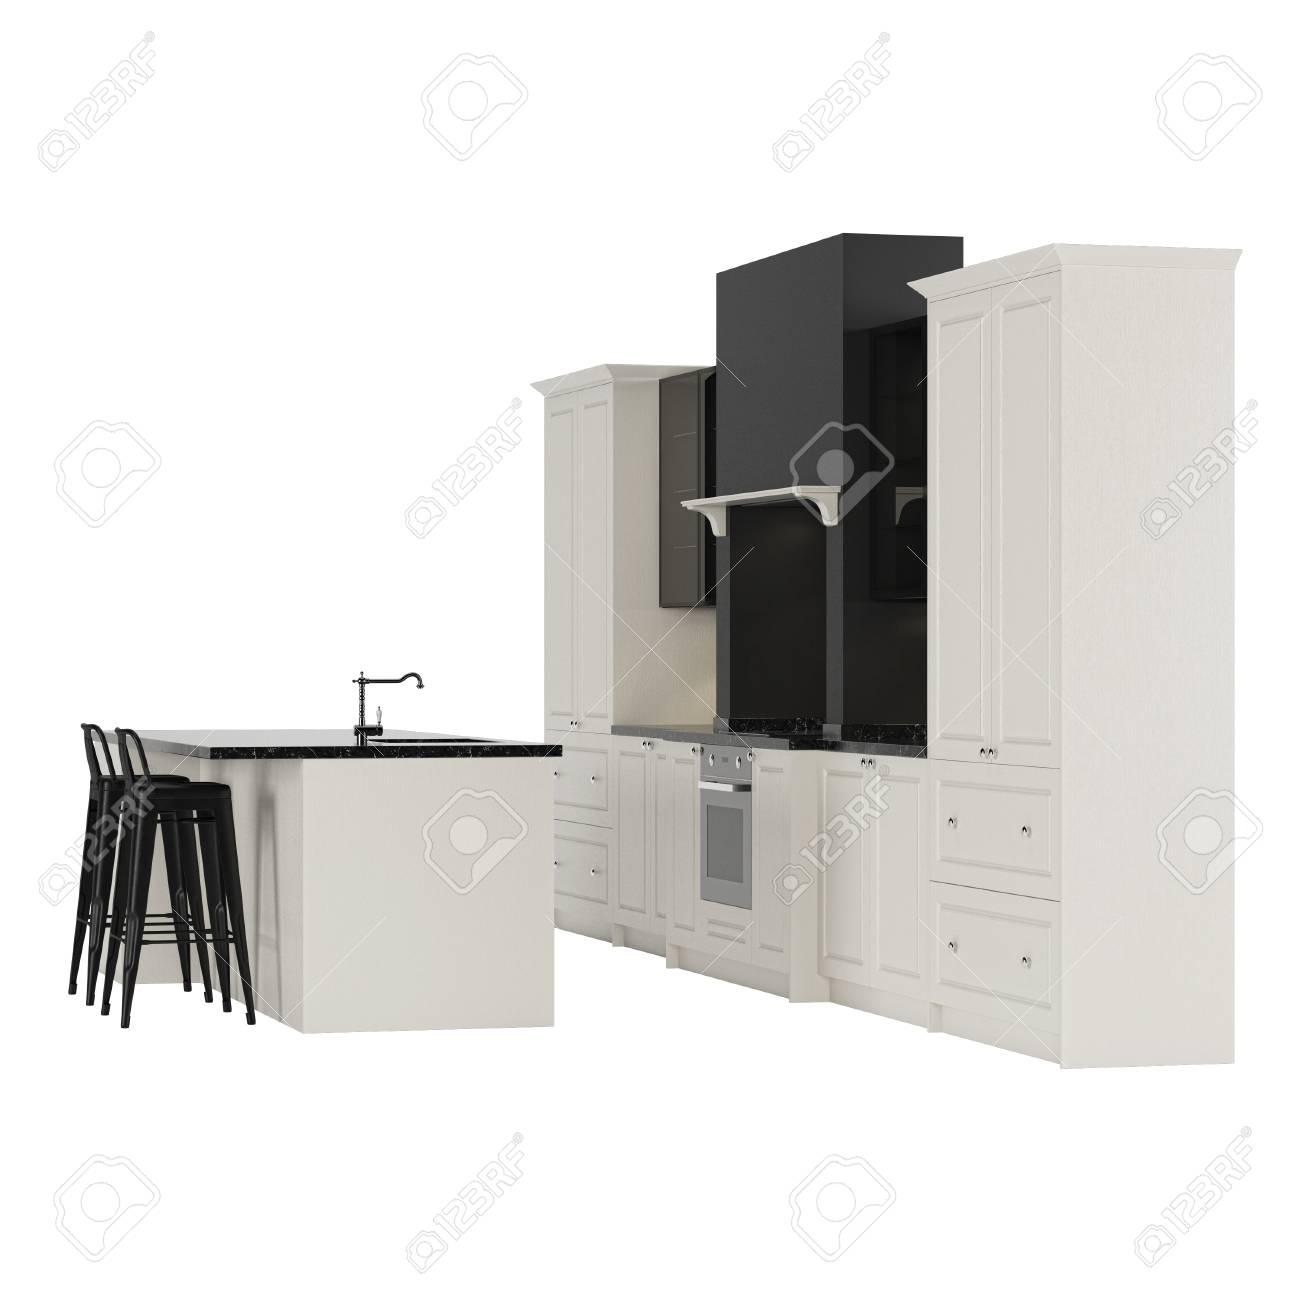 Immagini Stock - Mobili Da Cucina In Stile Moderno Isolato Su Uno ...